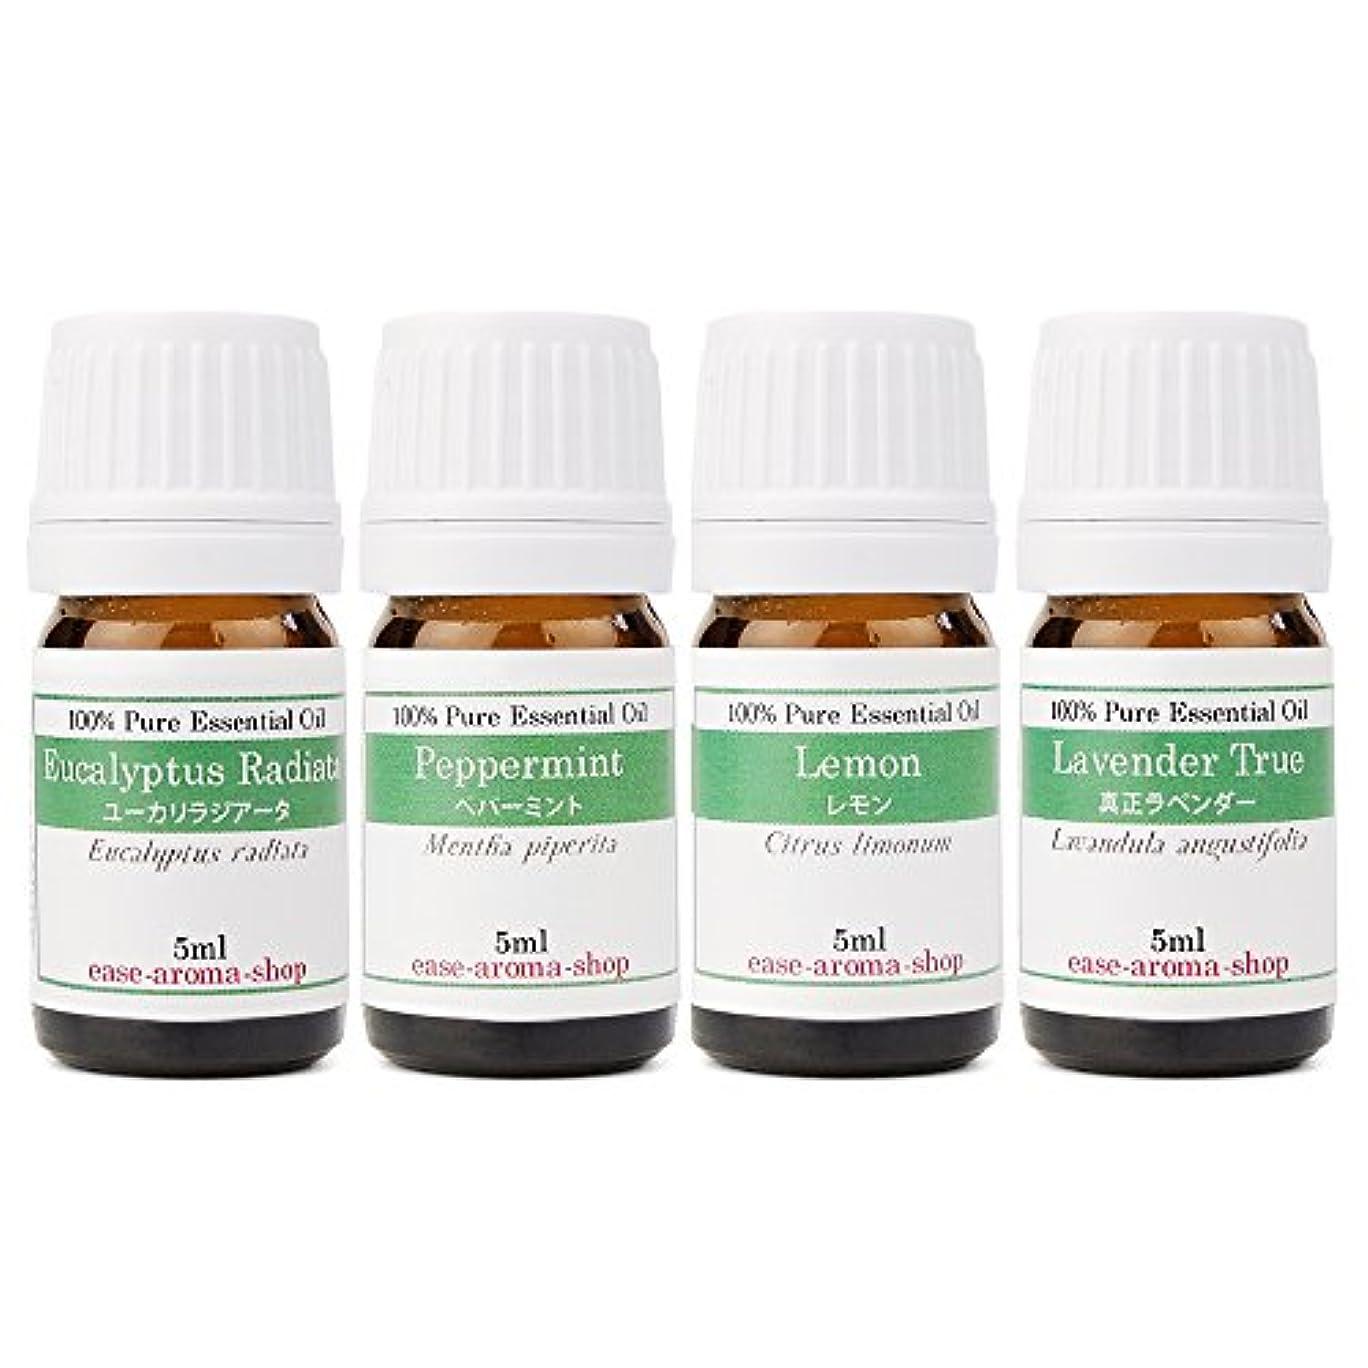 育成普遍的な筋ease エッセンシャルオイル 花粉の季節におすすめ スッキリ4本セット ユーカリラジアータ?ペパーミント?レモン?真正ラベンダー 各5ml